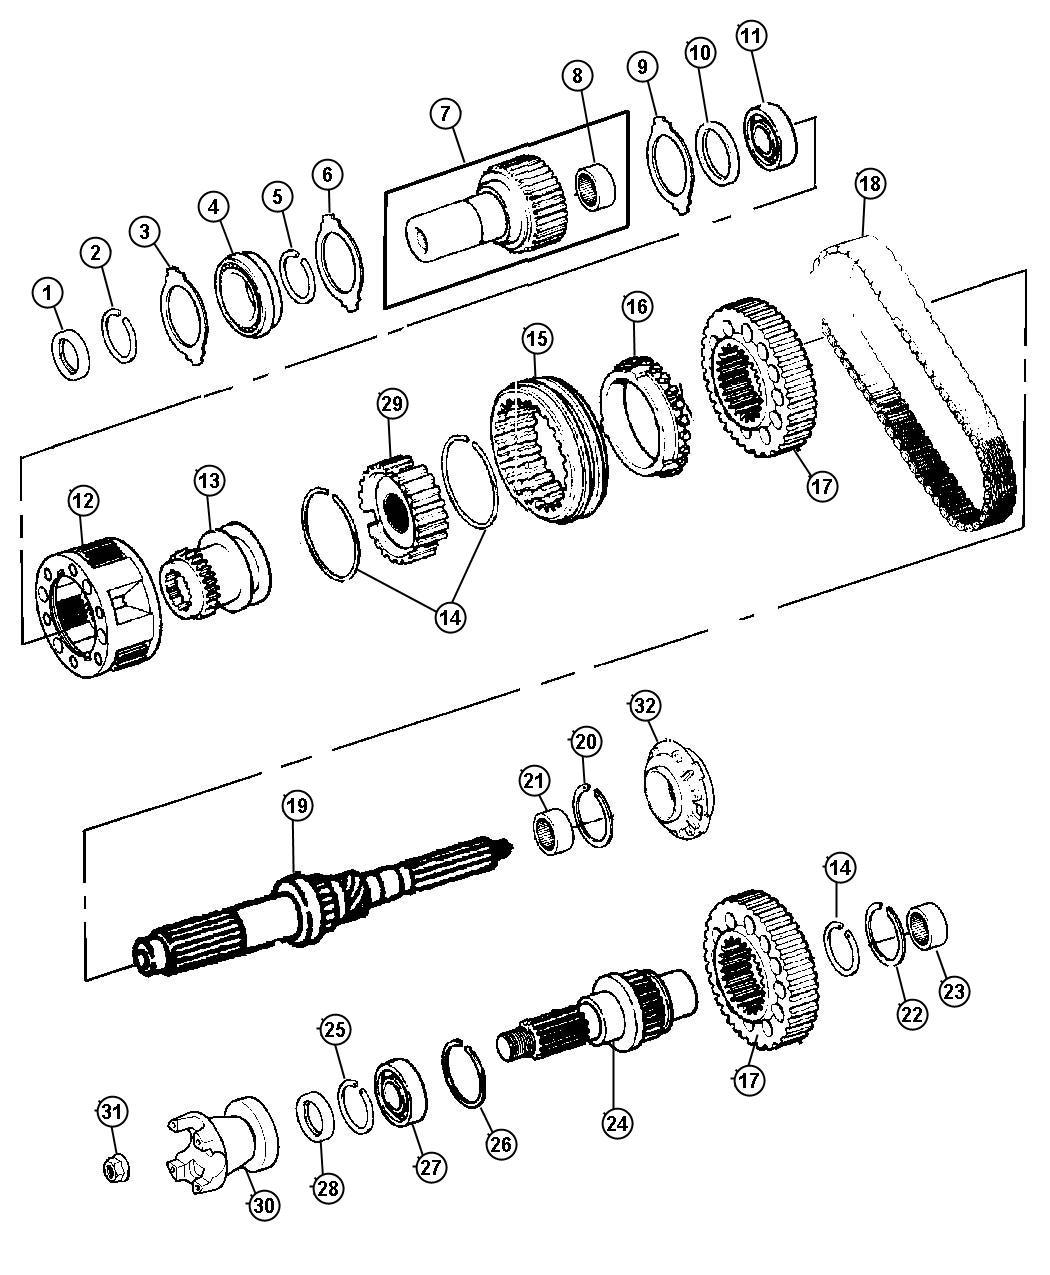 Dodge Ram Chain Transfer Case Geartrain